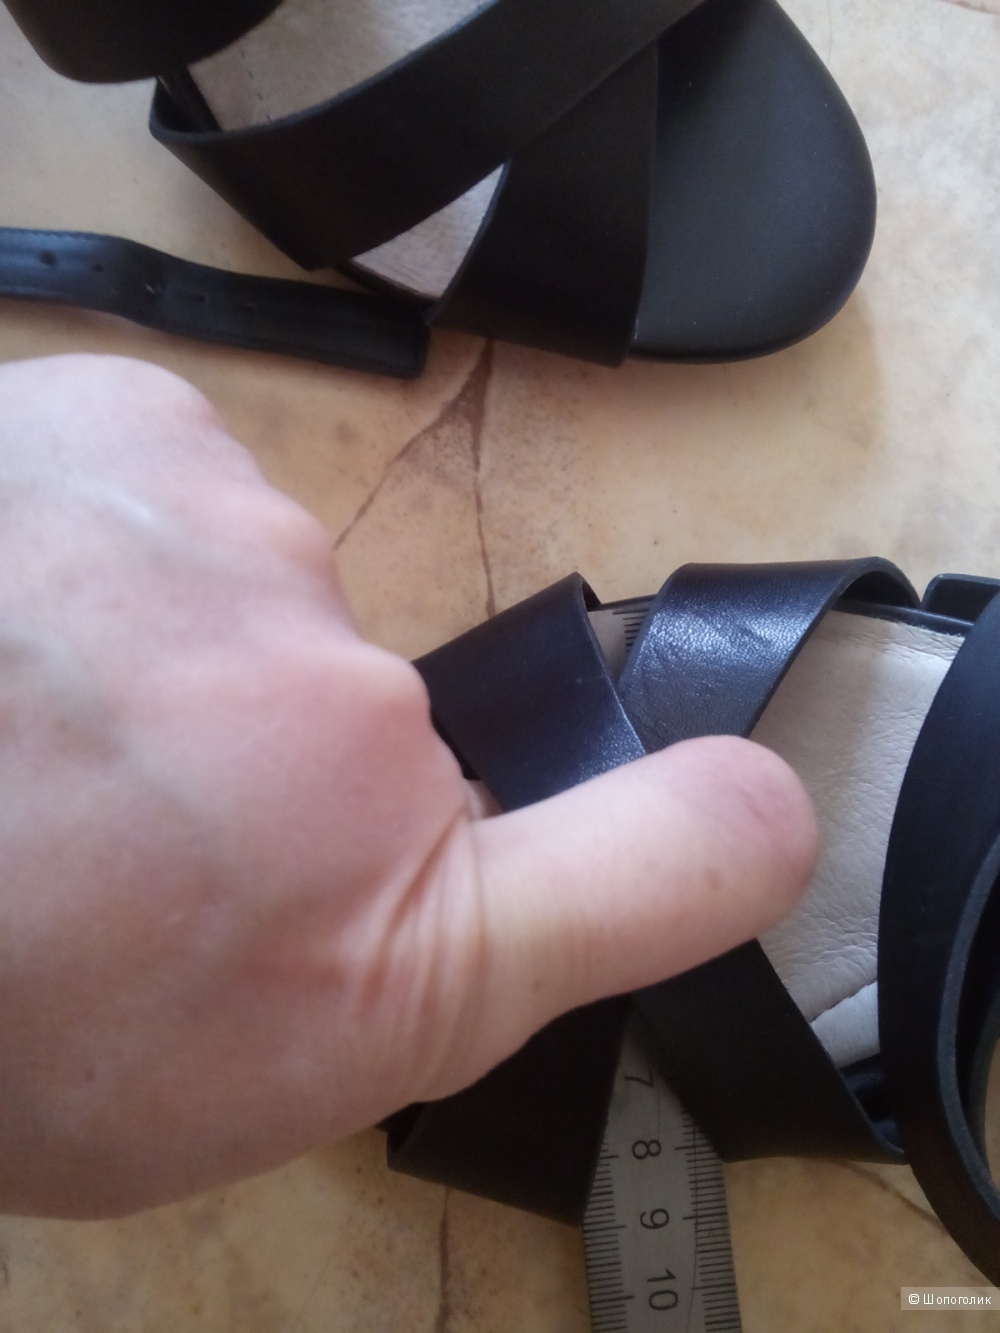 Босоножки кожаные,  размер 39 евро (8,5сша)